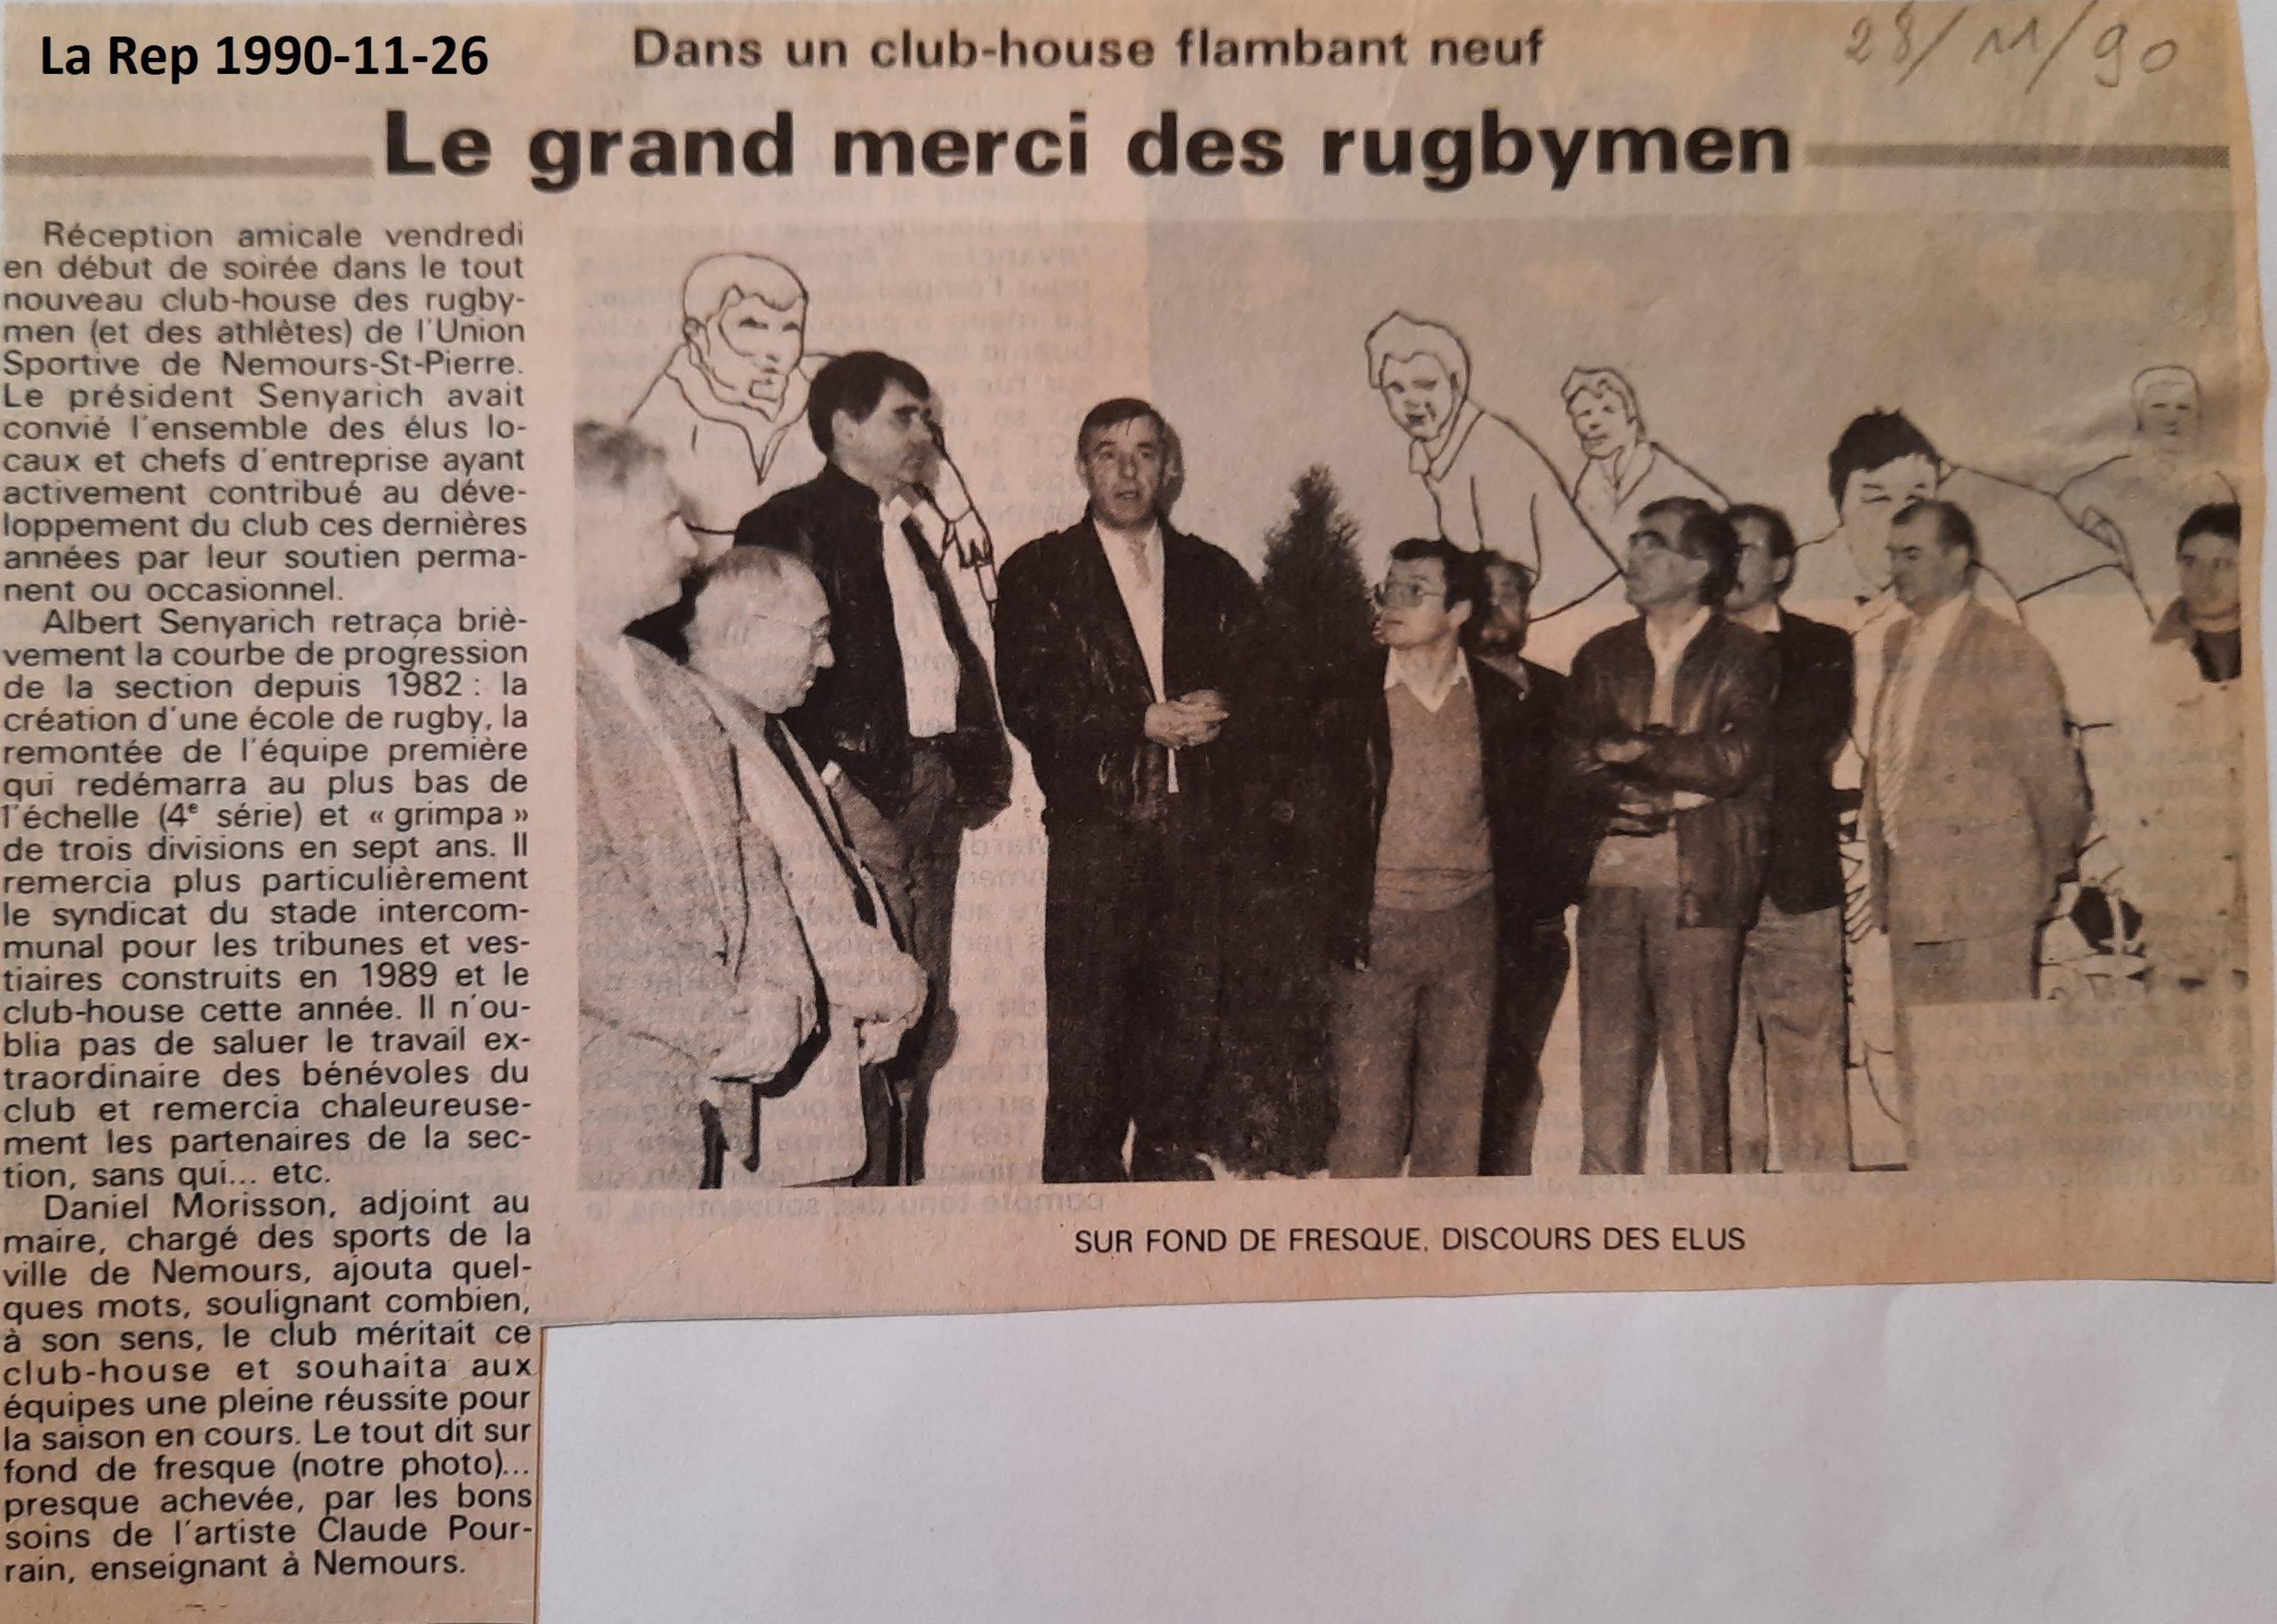 La République 1990-11-26